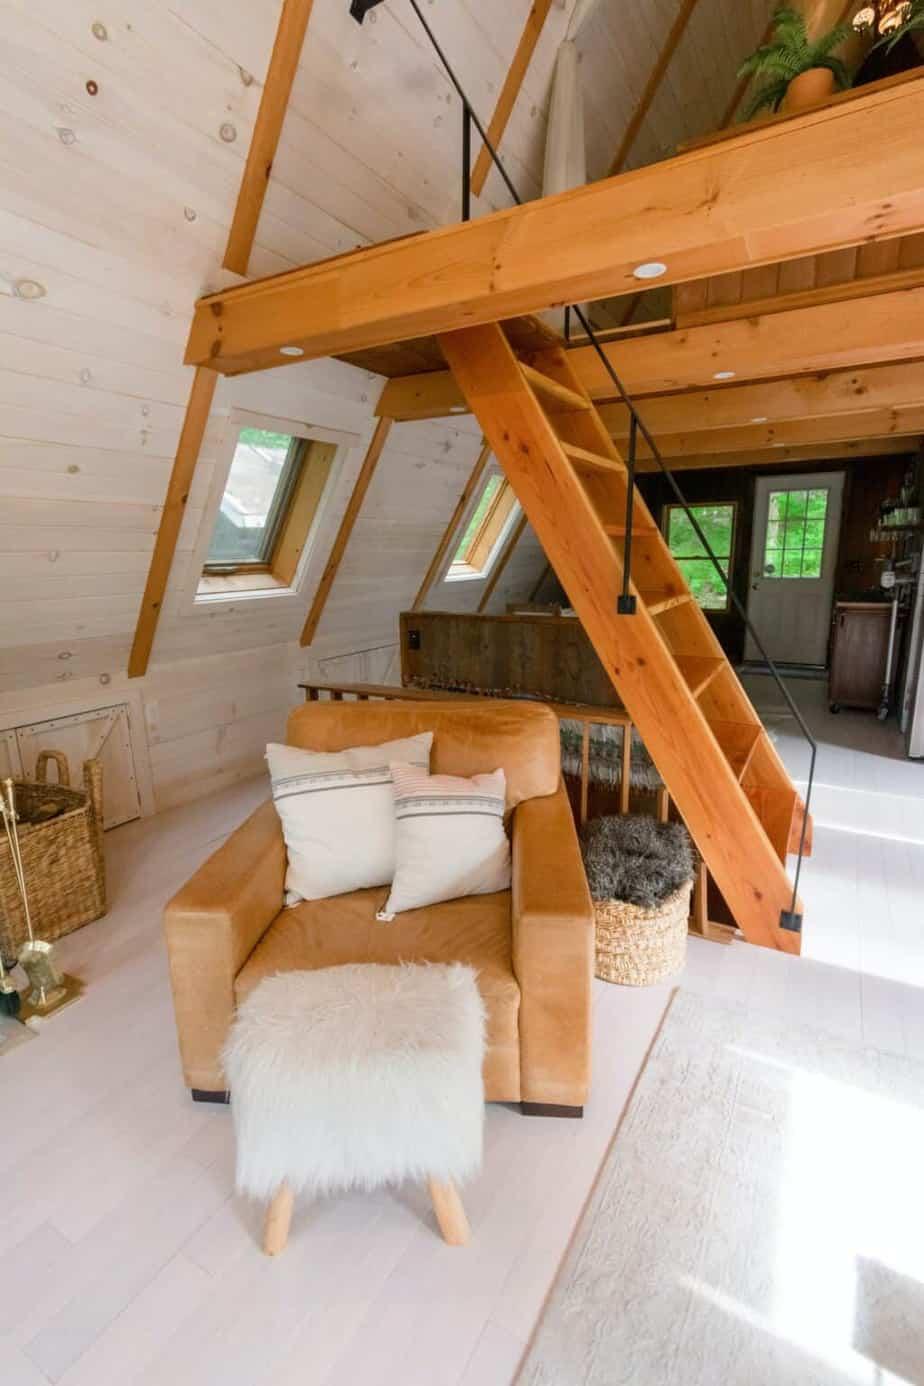 Poddasze w stylu rustykalnym | Duszyńska Design